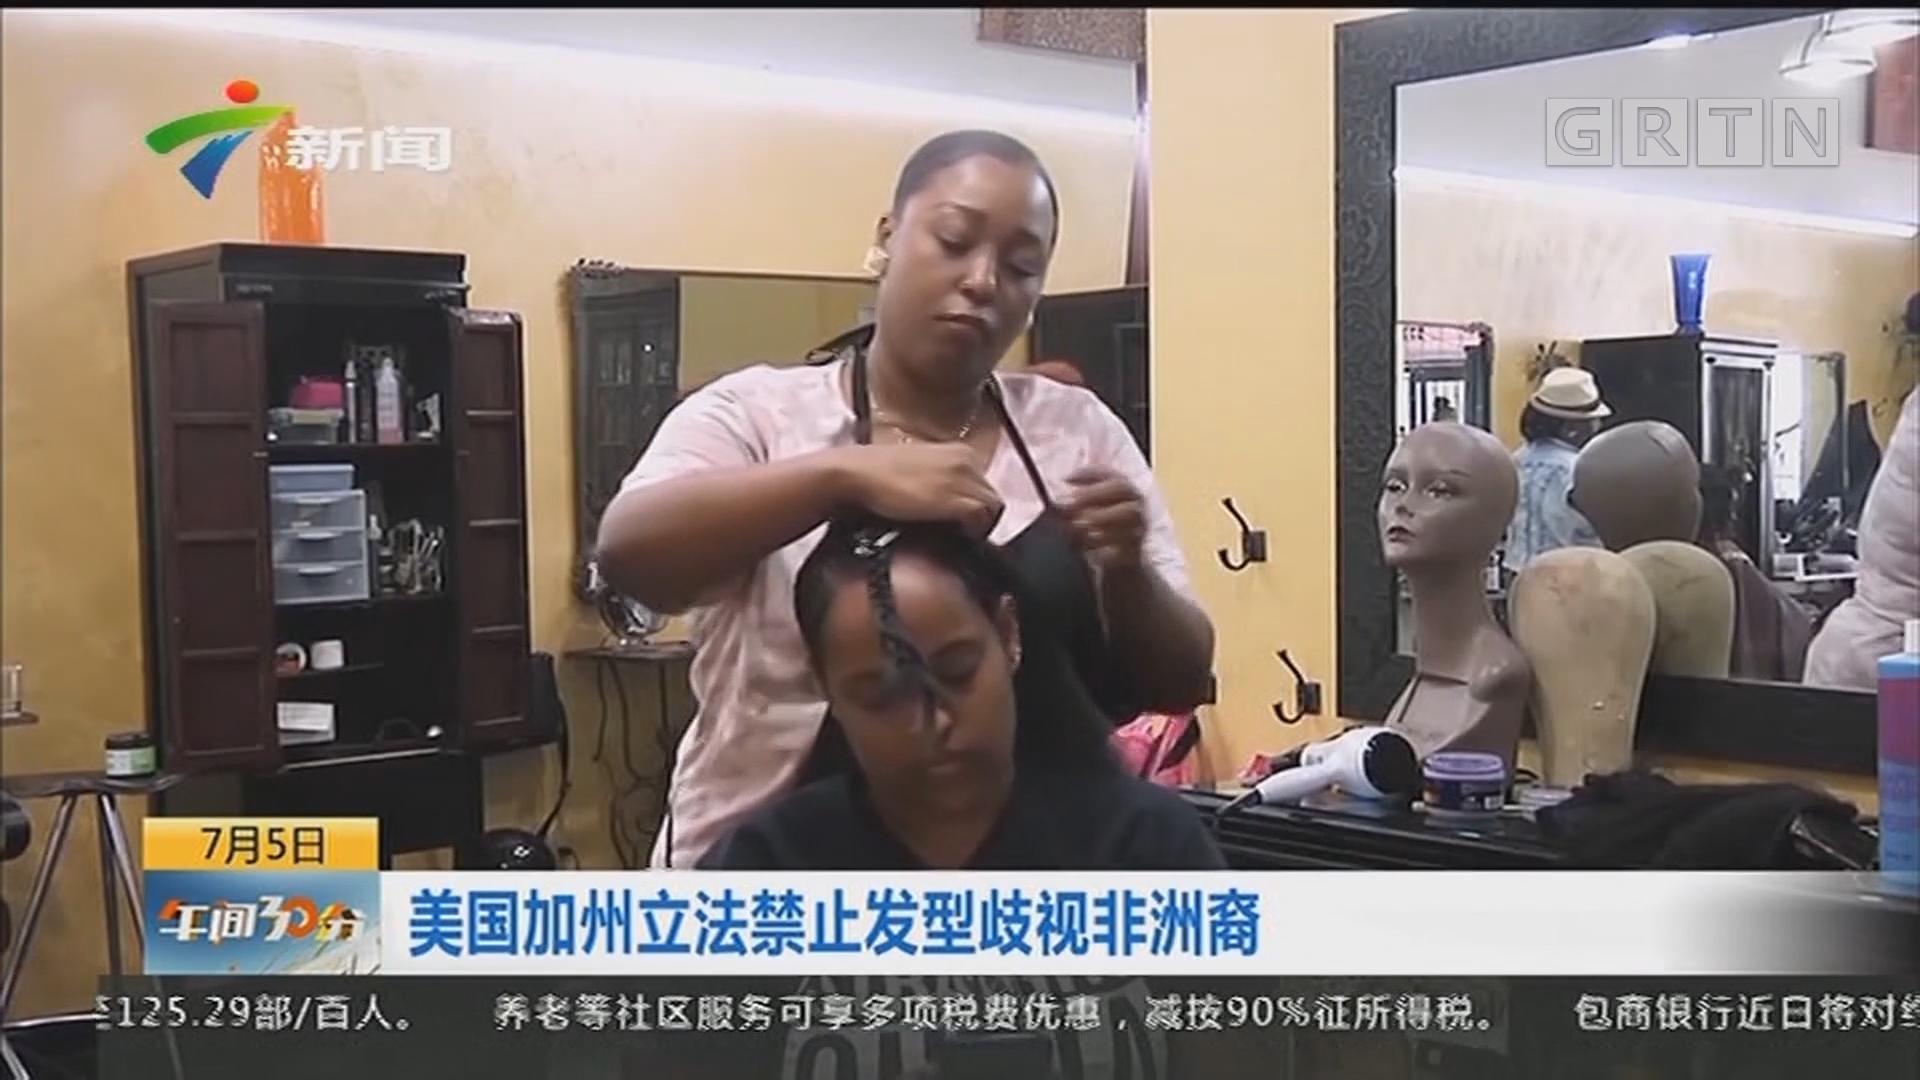 美国加州立法禁止发型歧视非洲裔